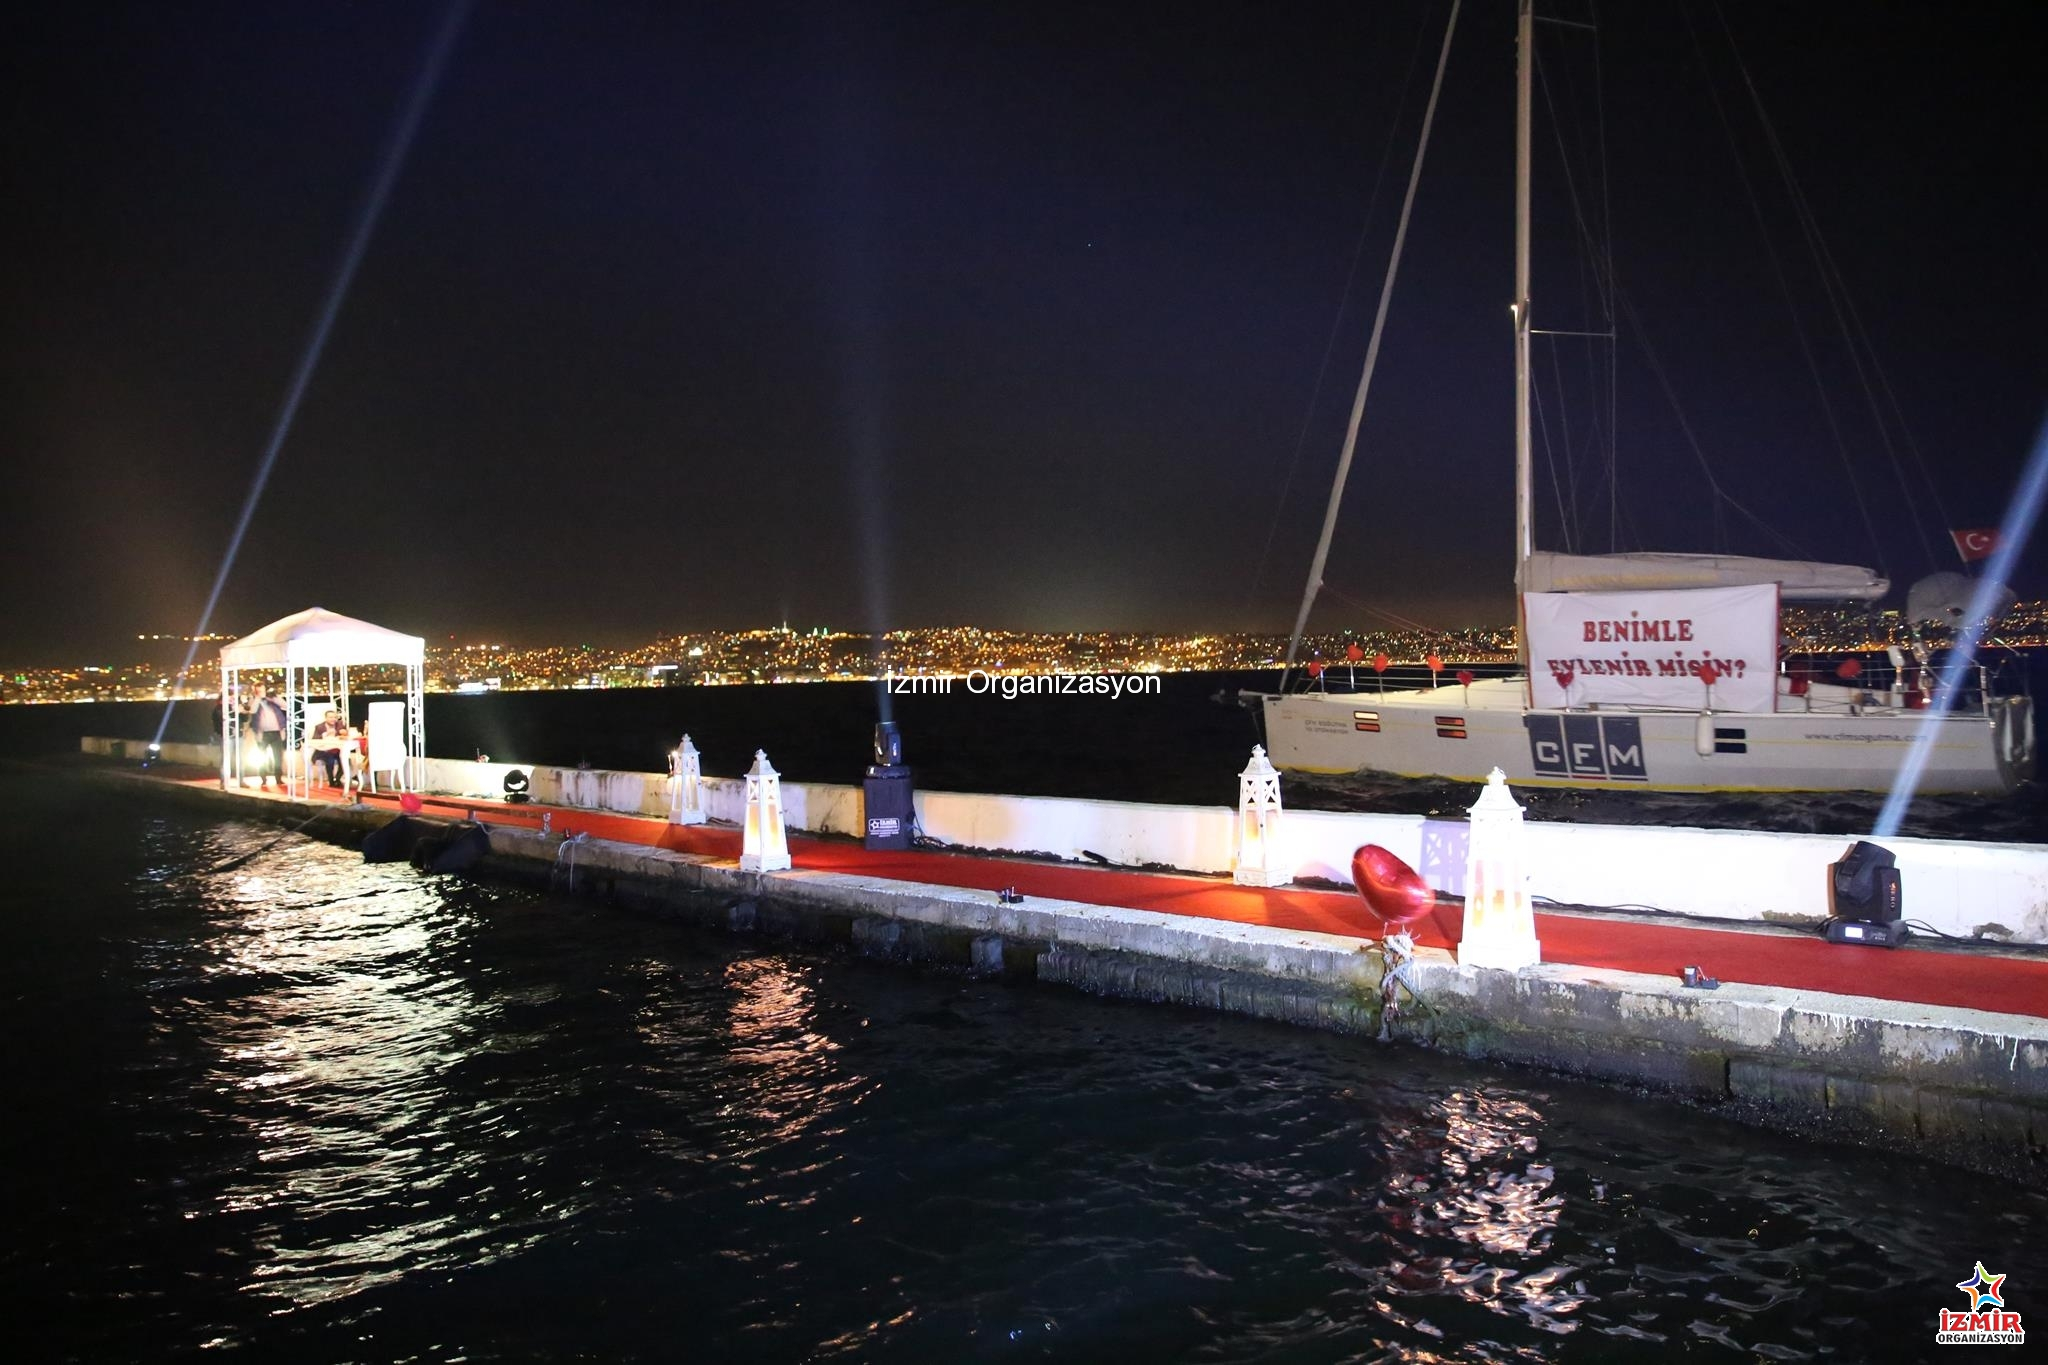 Karşıyaka Yelken Kulübünde Evlilik Teklifi Organizasyonu